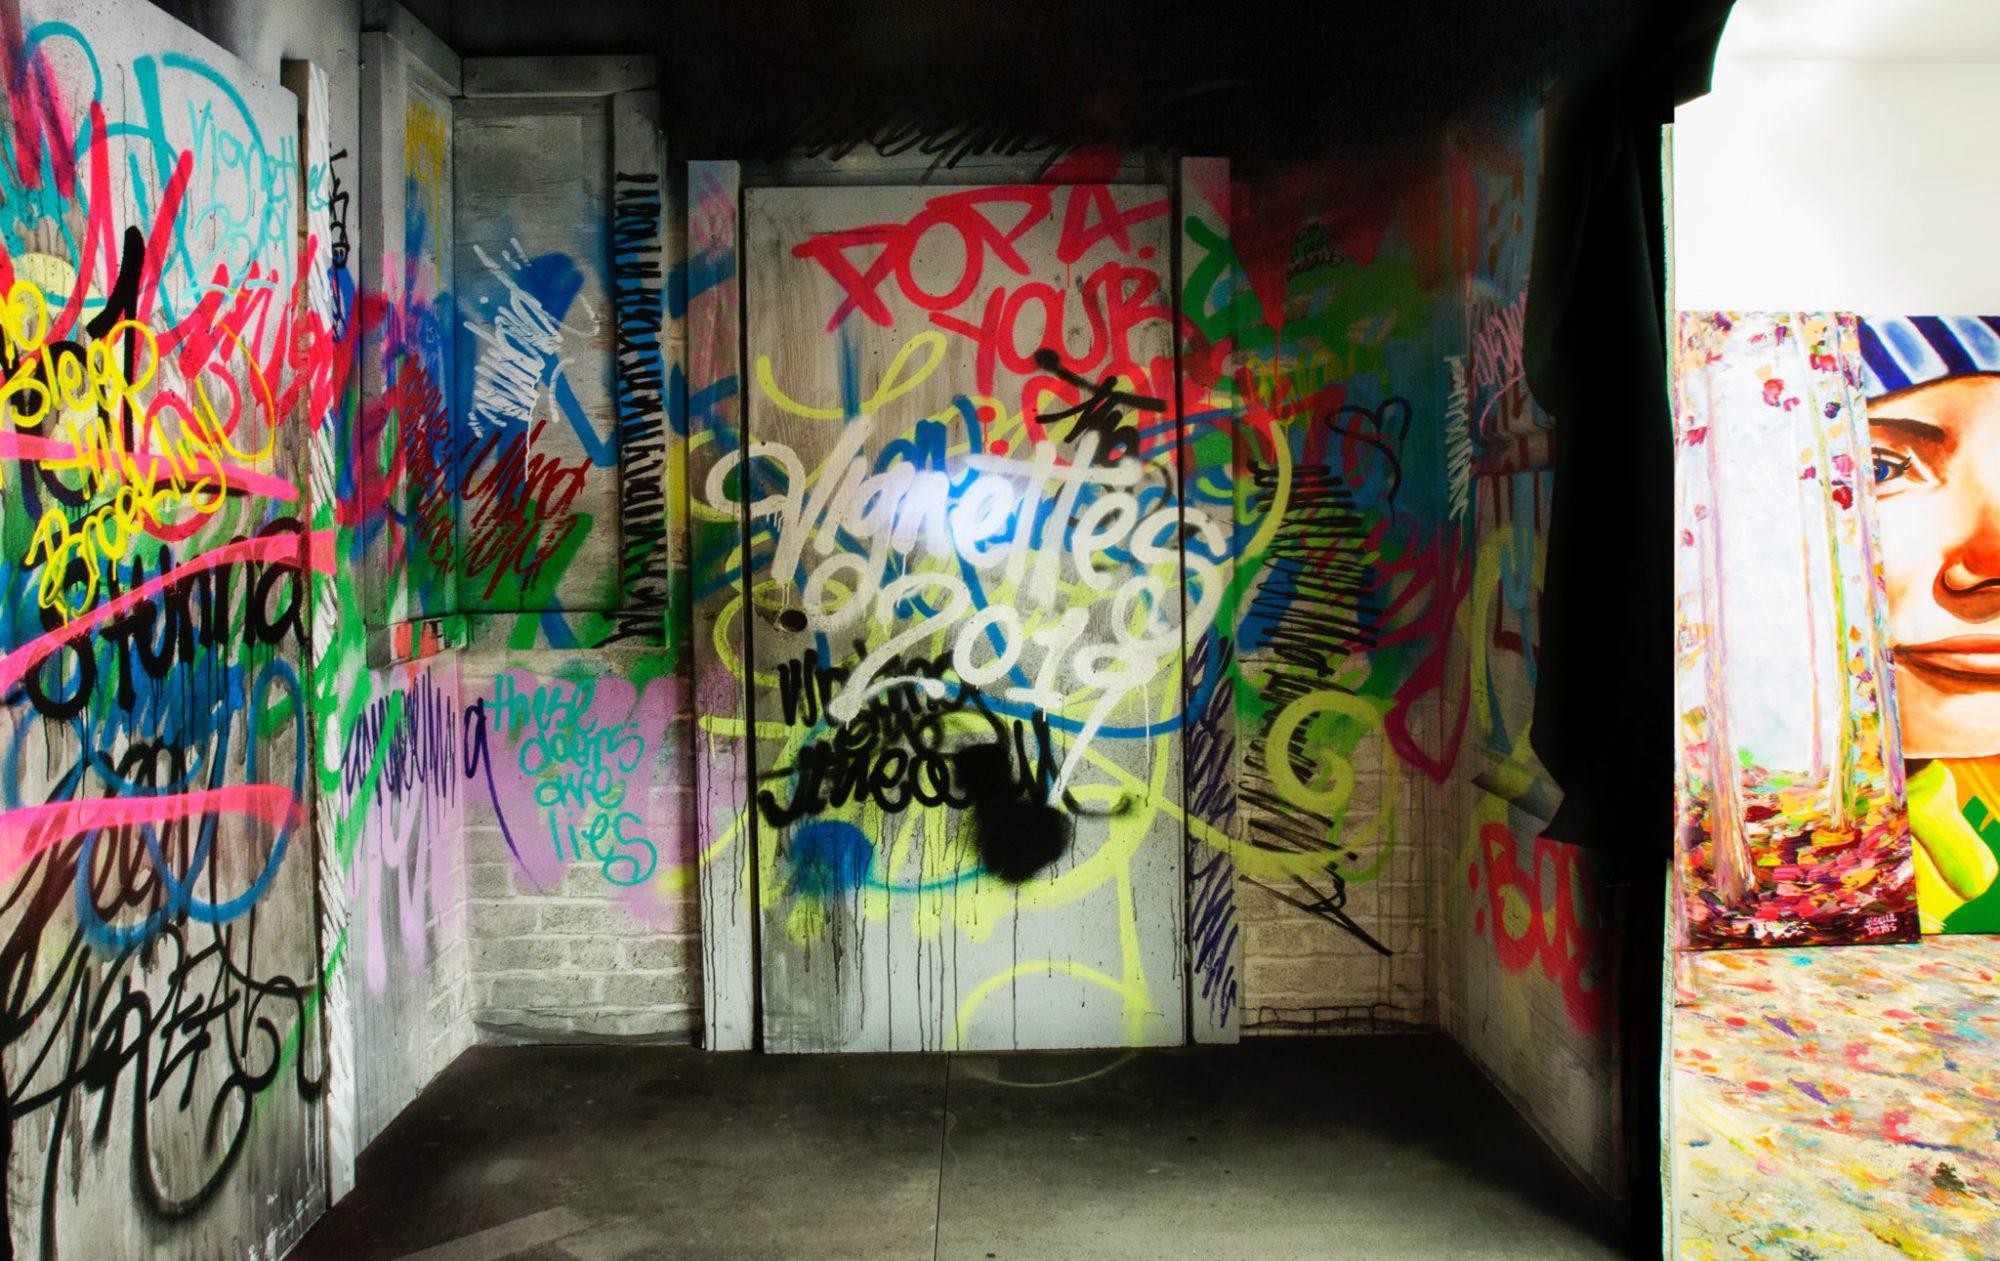 MR_GraffitiRoom_002